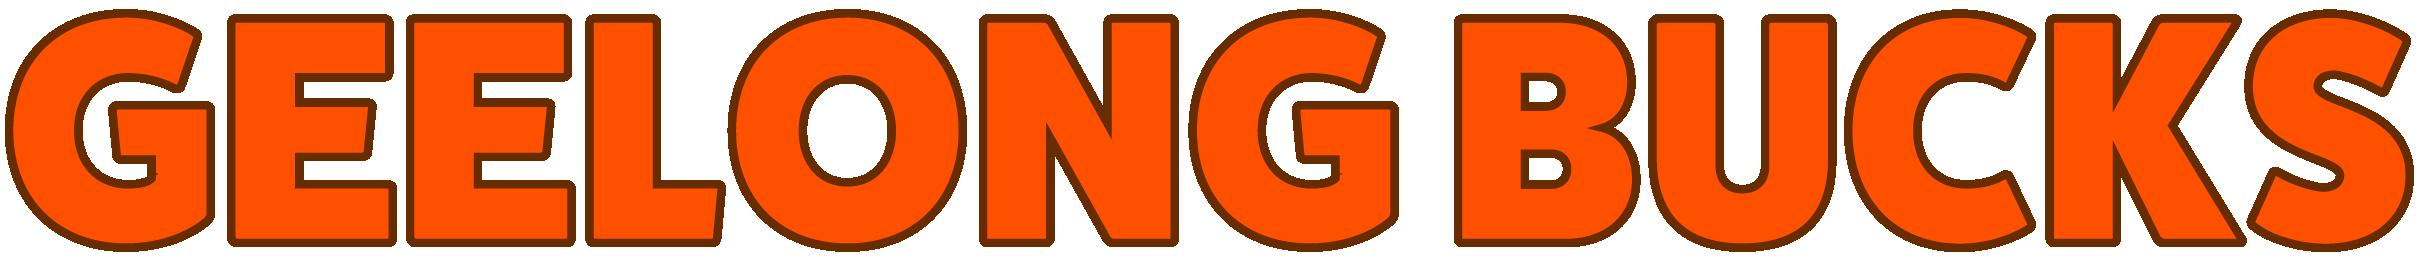 Geelong Bucks